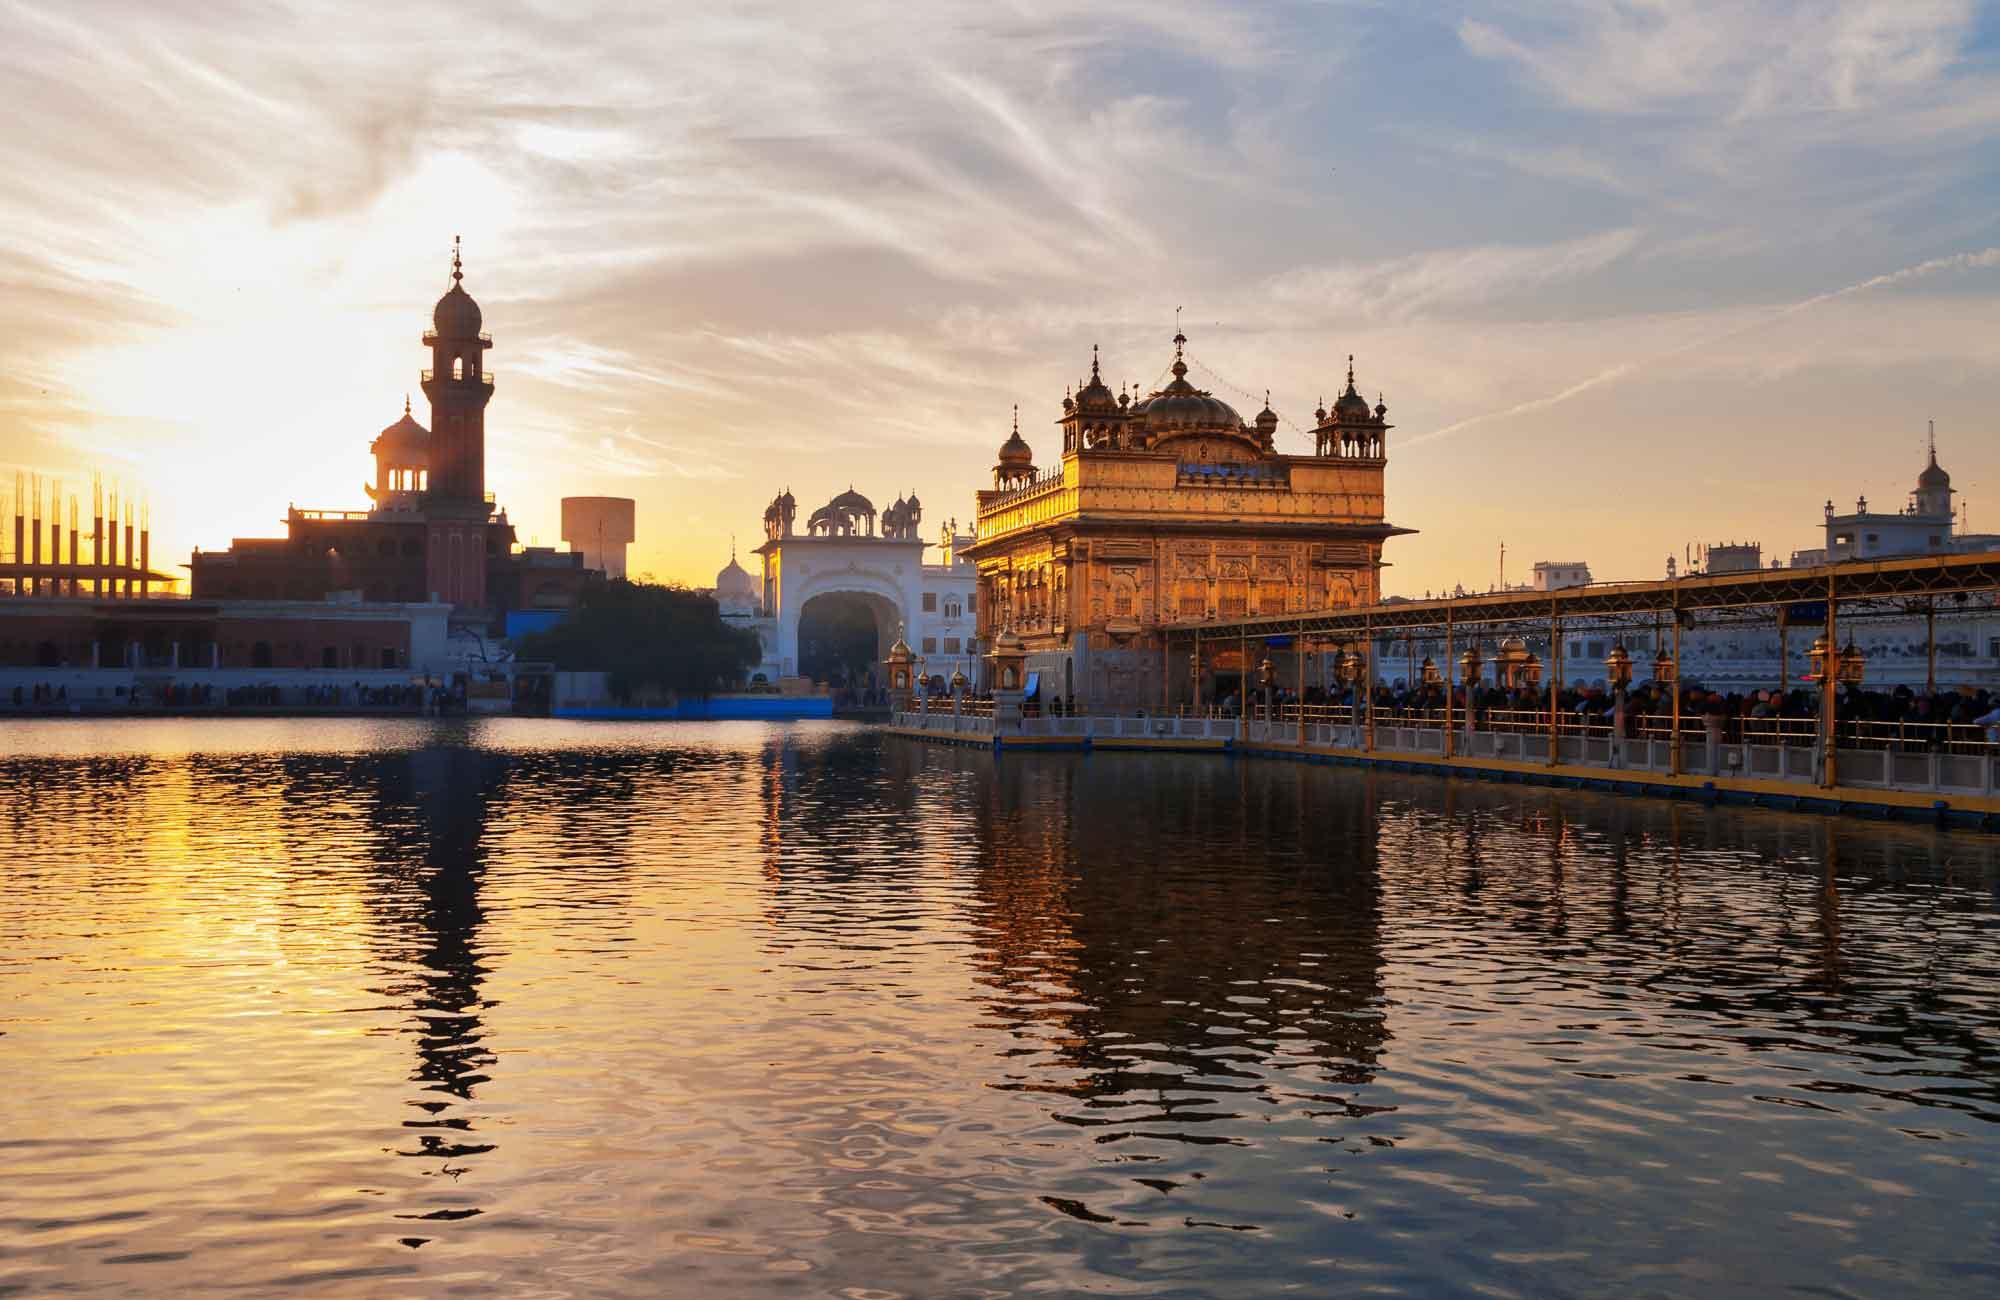 Voyage Inde - Temple d'Or Amritsar - Amplitudes